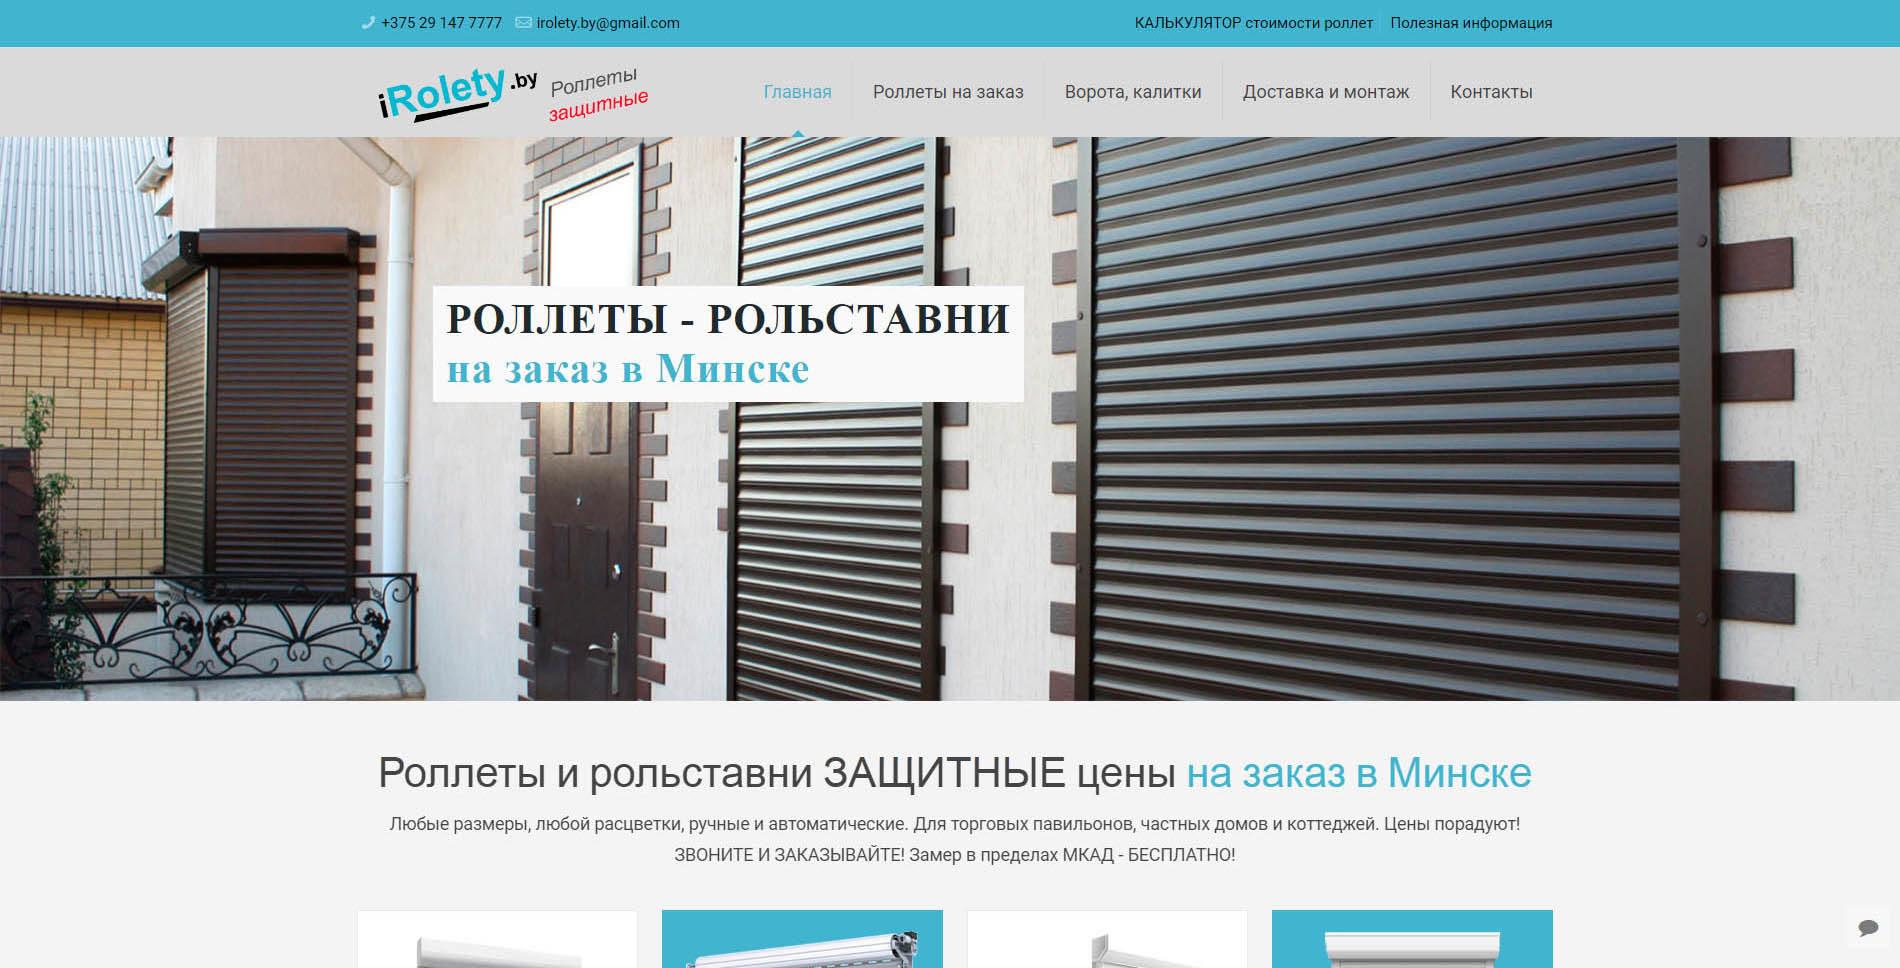 http://razrabotka-sajtov.by/wp-content/uploads/2020/04/rolstavni-1900x968.jpg